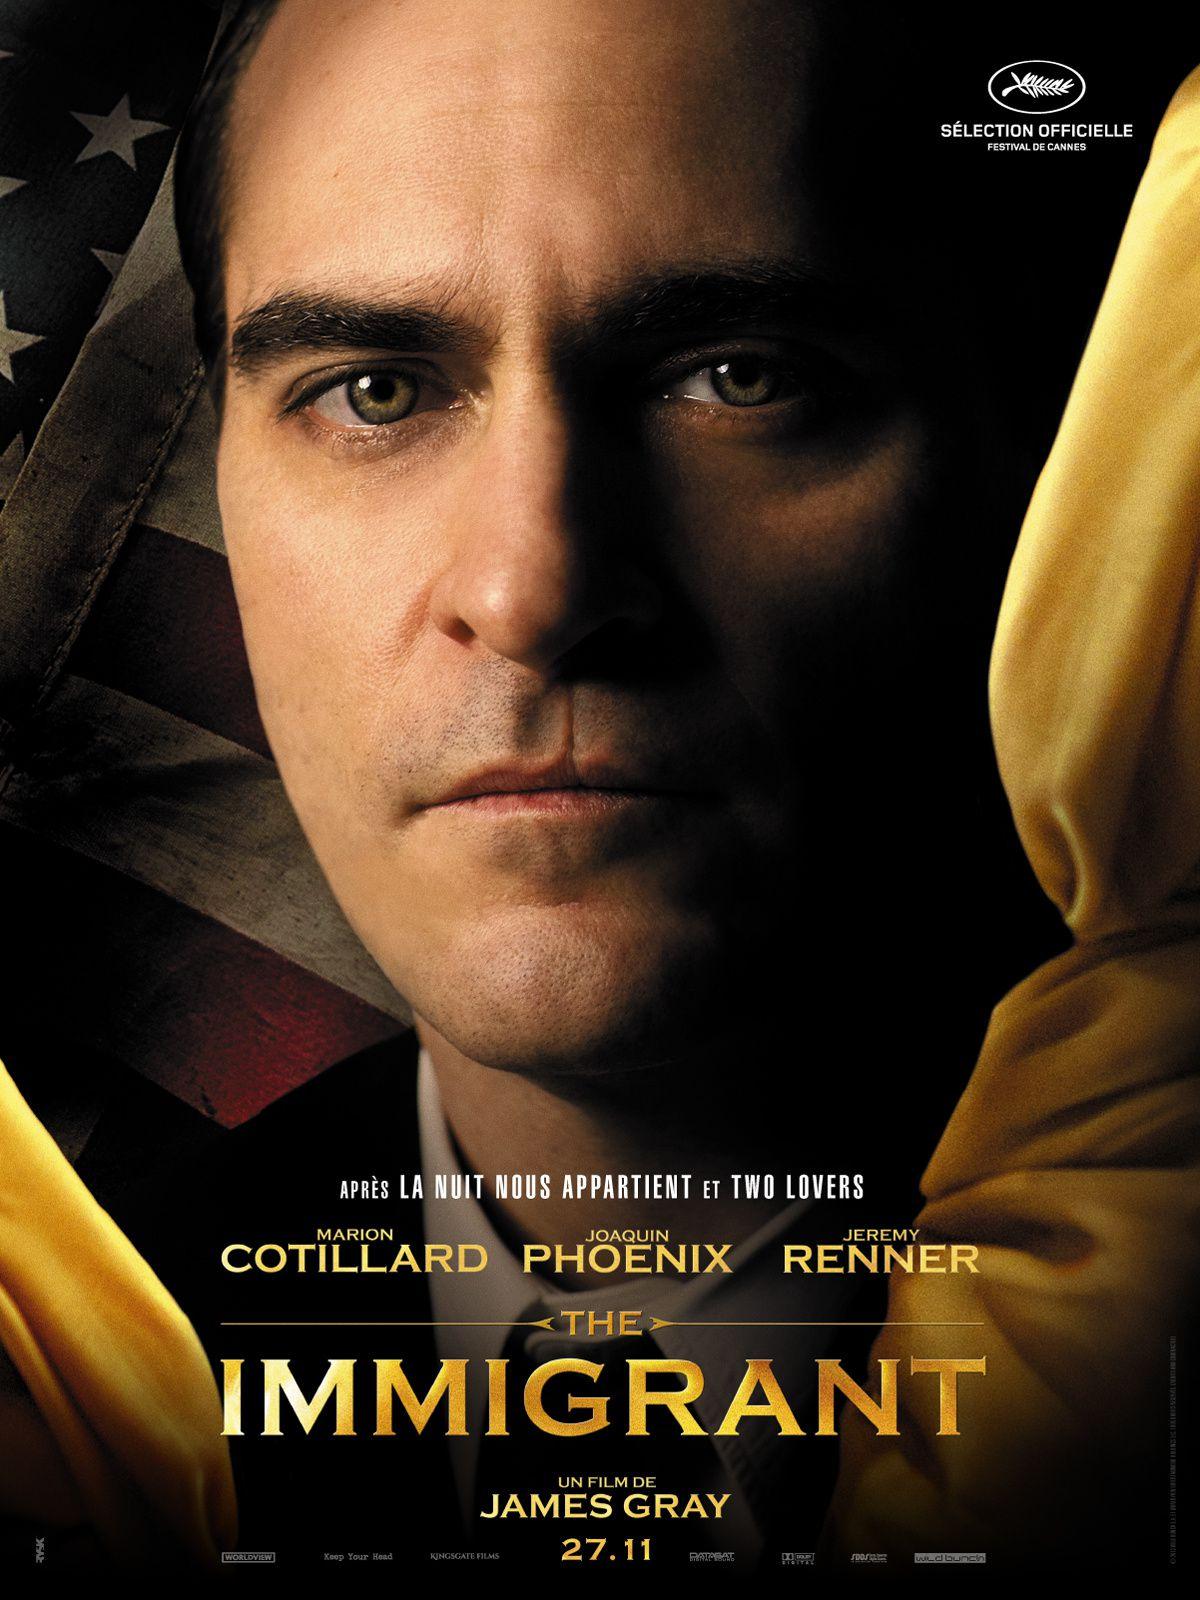 The Immigrant (BANDE ANNONCE VF et VOST 2013) de James Gray avec Marion Cotillard, Joaquin Phoenix, Jeremy Renner